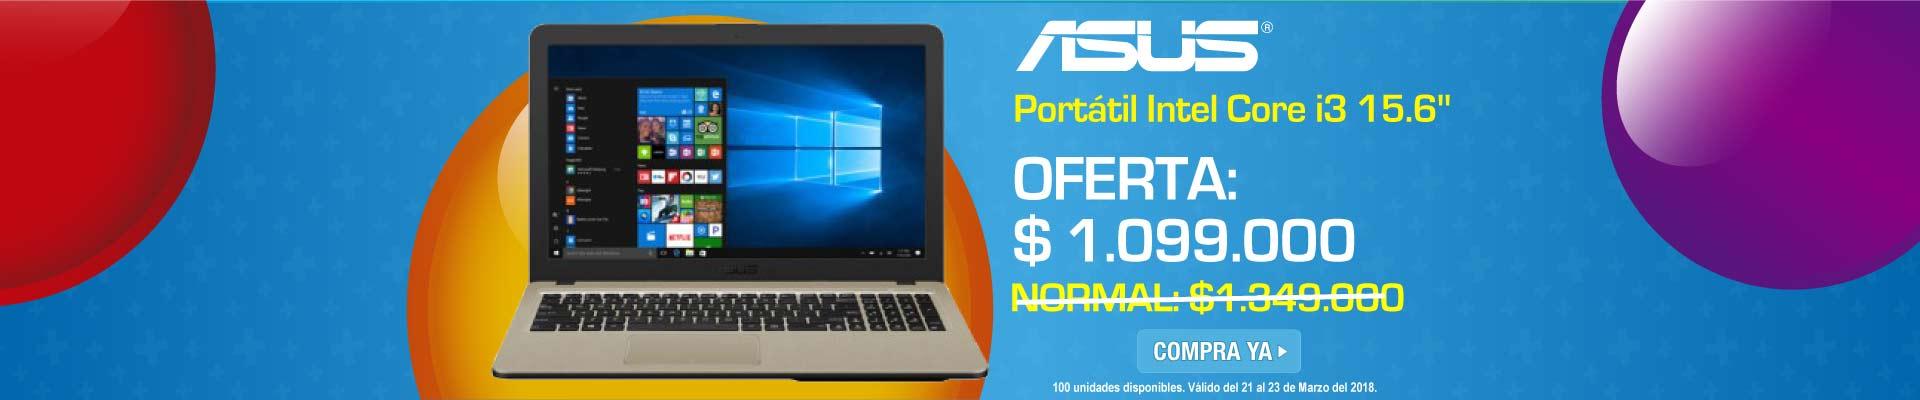 PPAL ALKP-1-computadores-Portátil ASUS - X540LA - Intel Core i3 - 15.6-prod-Marzo21-23